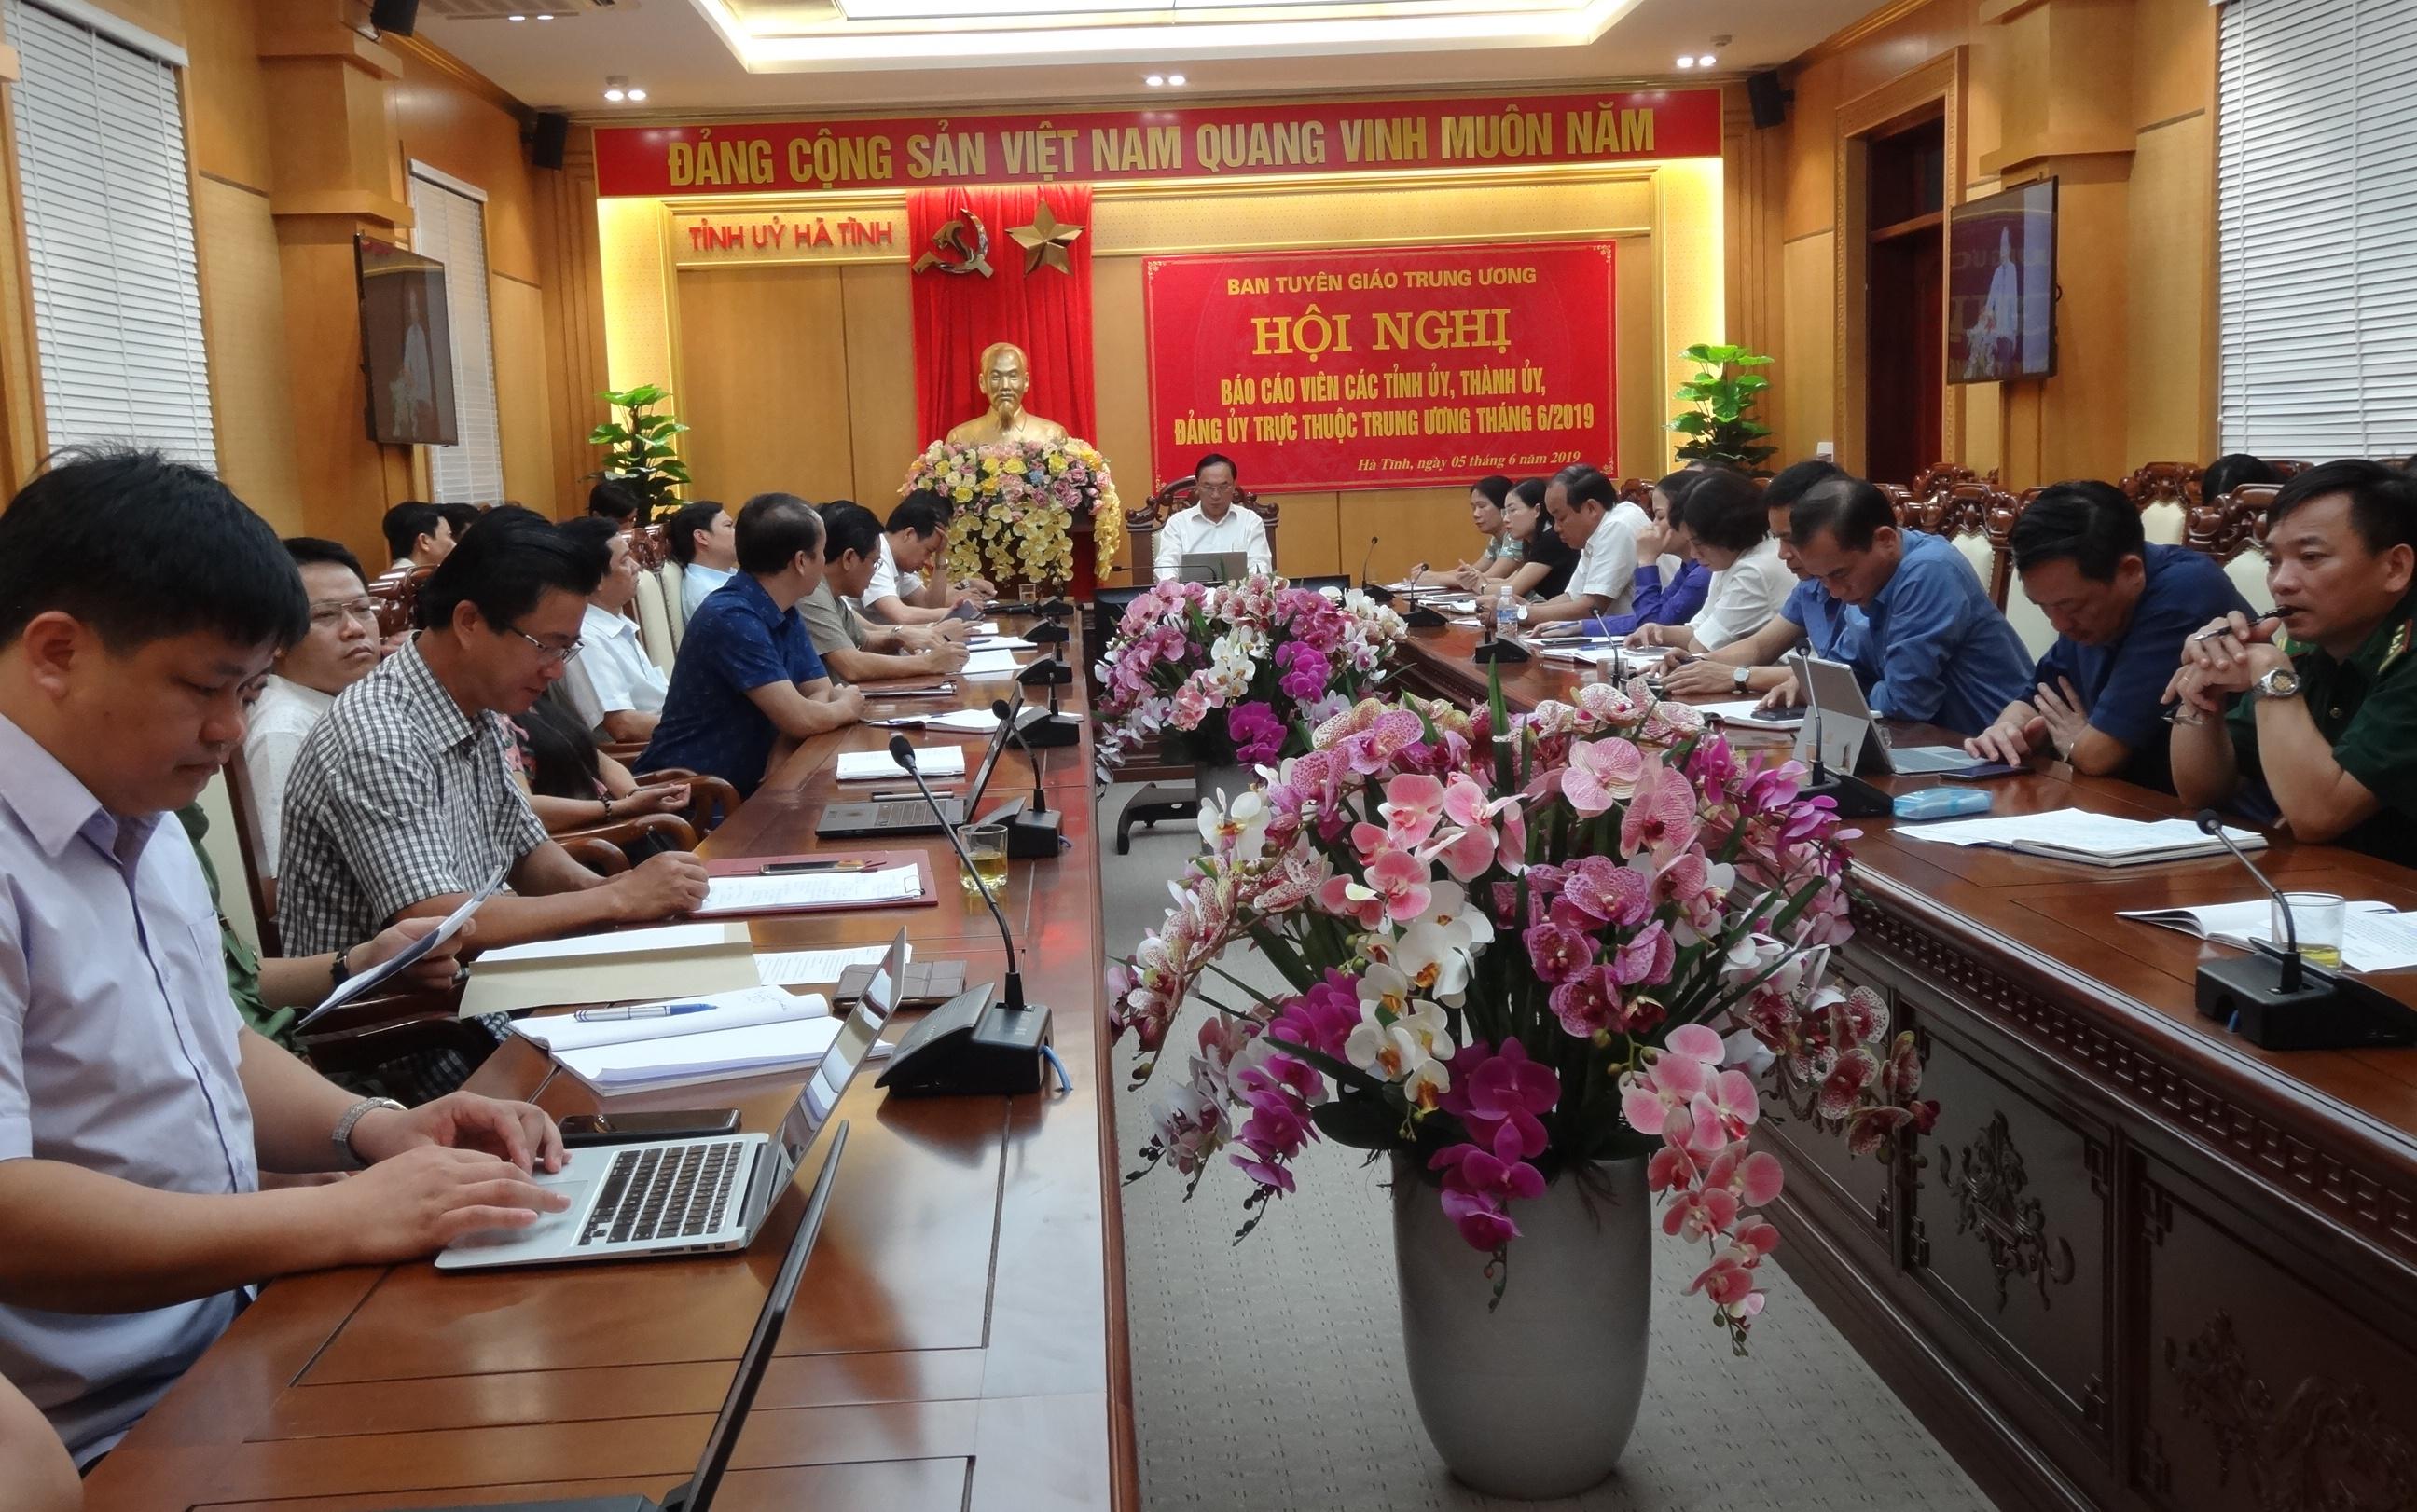 Đội ngũ báo cáo viên tham dự hội nghị tại điểm cầu Hà Tĩnh